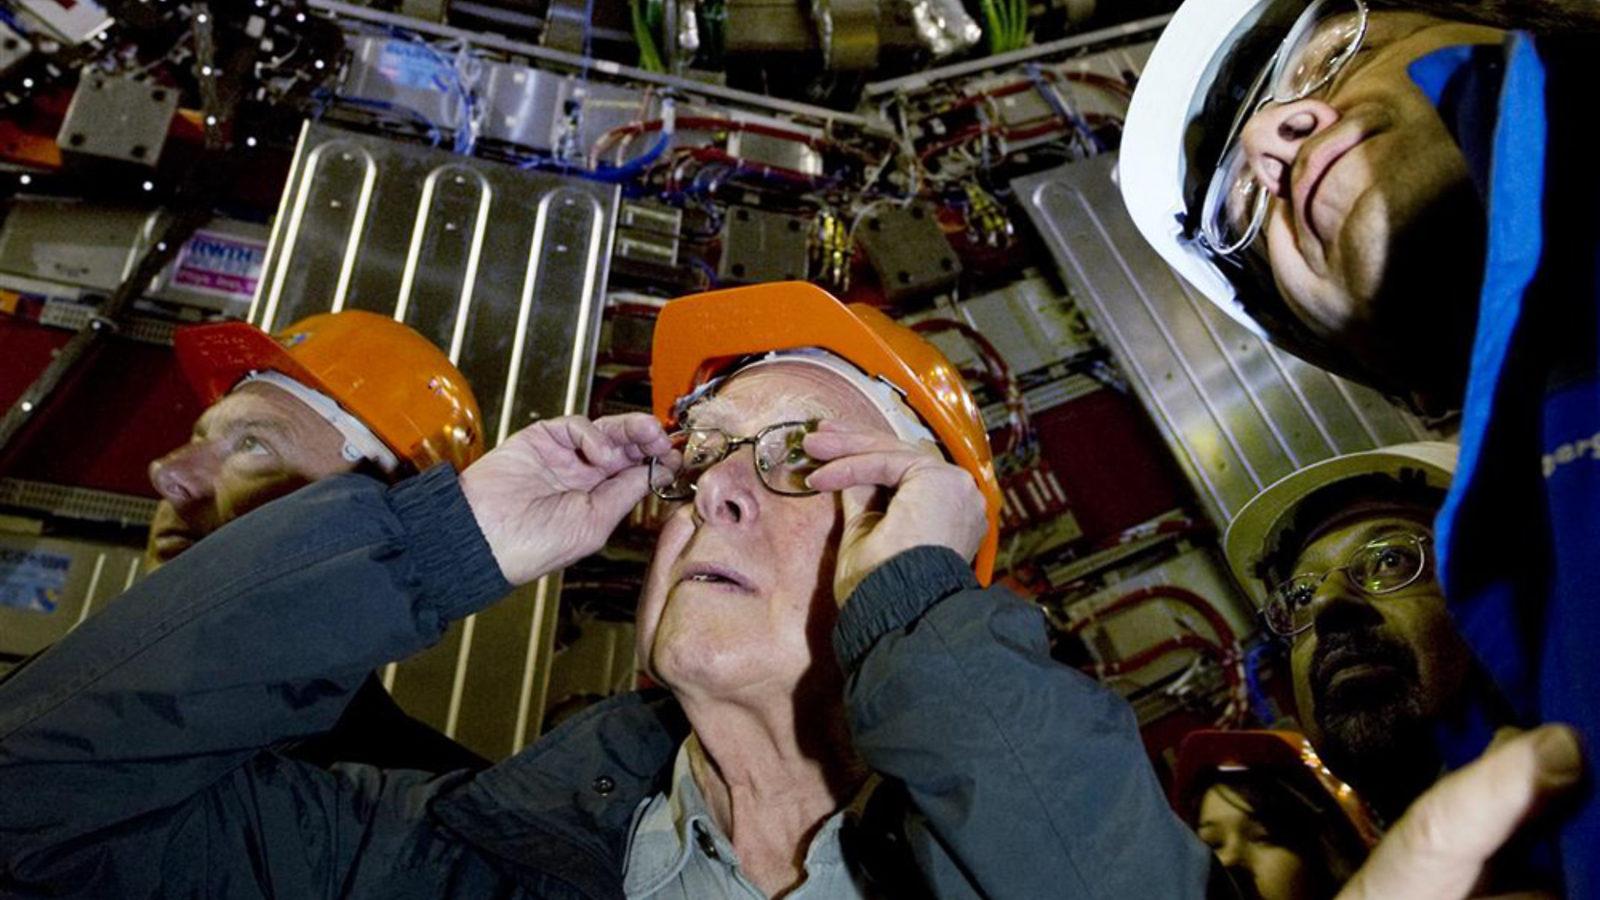 Photo: Higgs at LHC